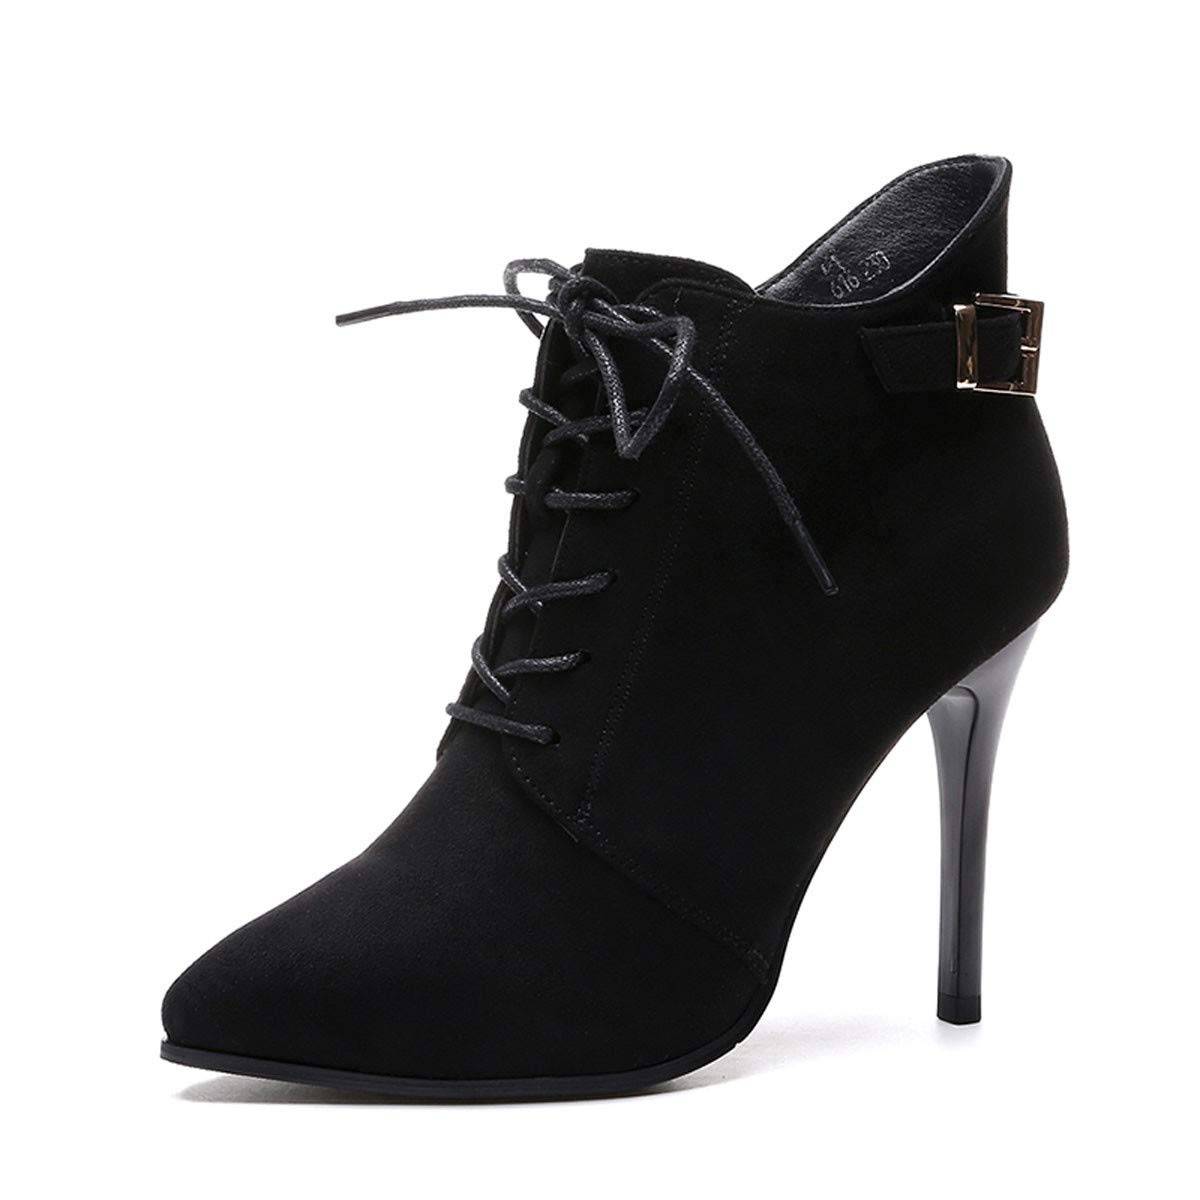 GTVERNH Frauen Schuhe High Heels Martin Stiefel Kurze Stiefel Fein Hacken 9Cm Spitze Sexy 100 Sätze Scharfen Spitzen Damenschuhe Mode